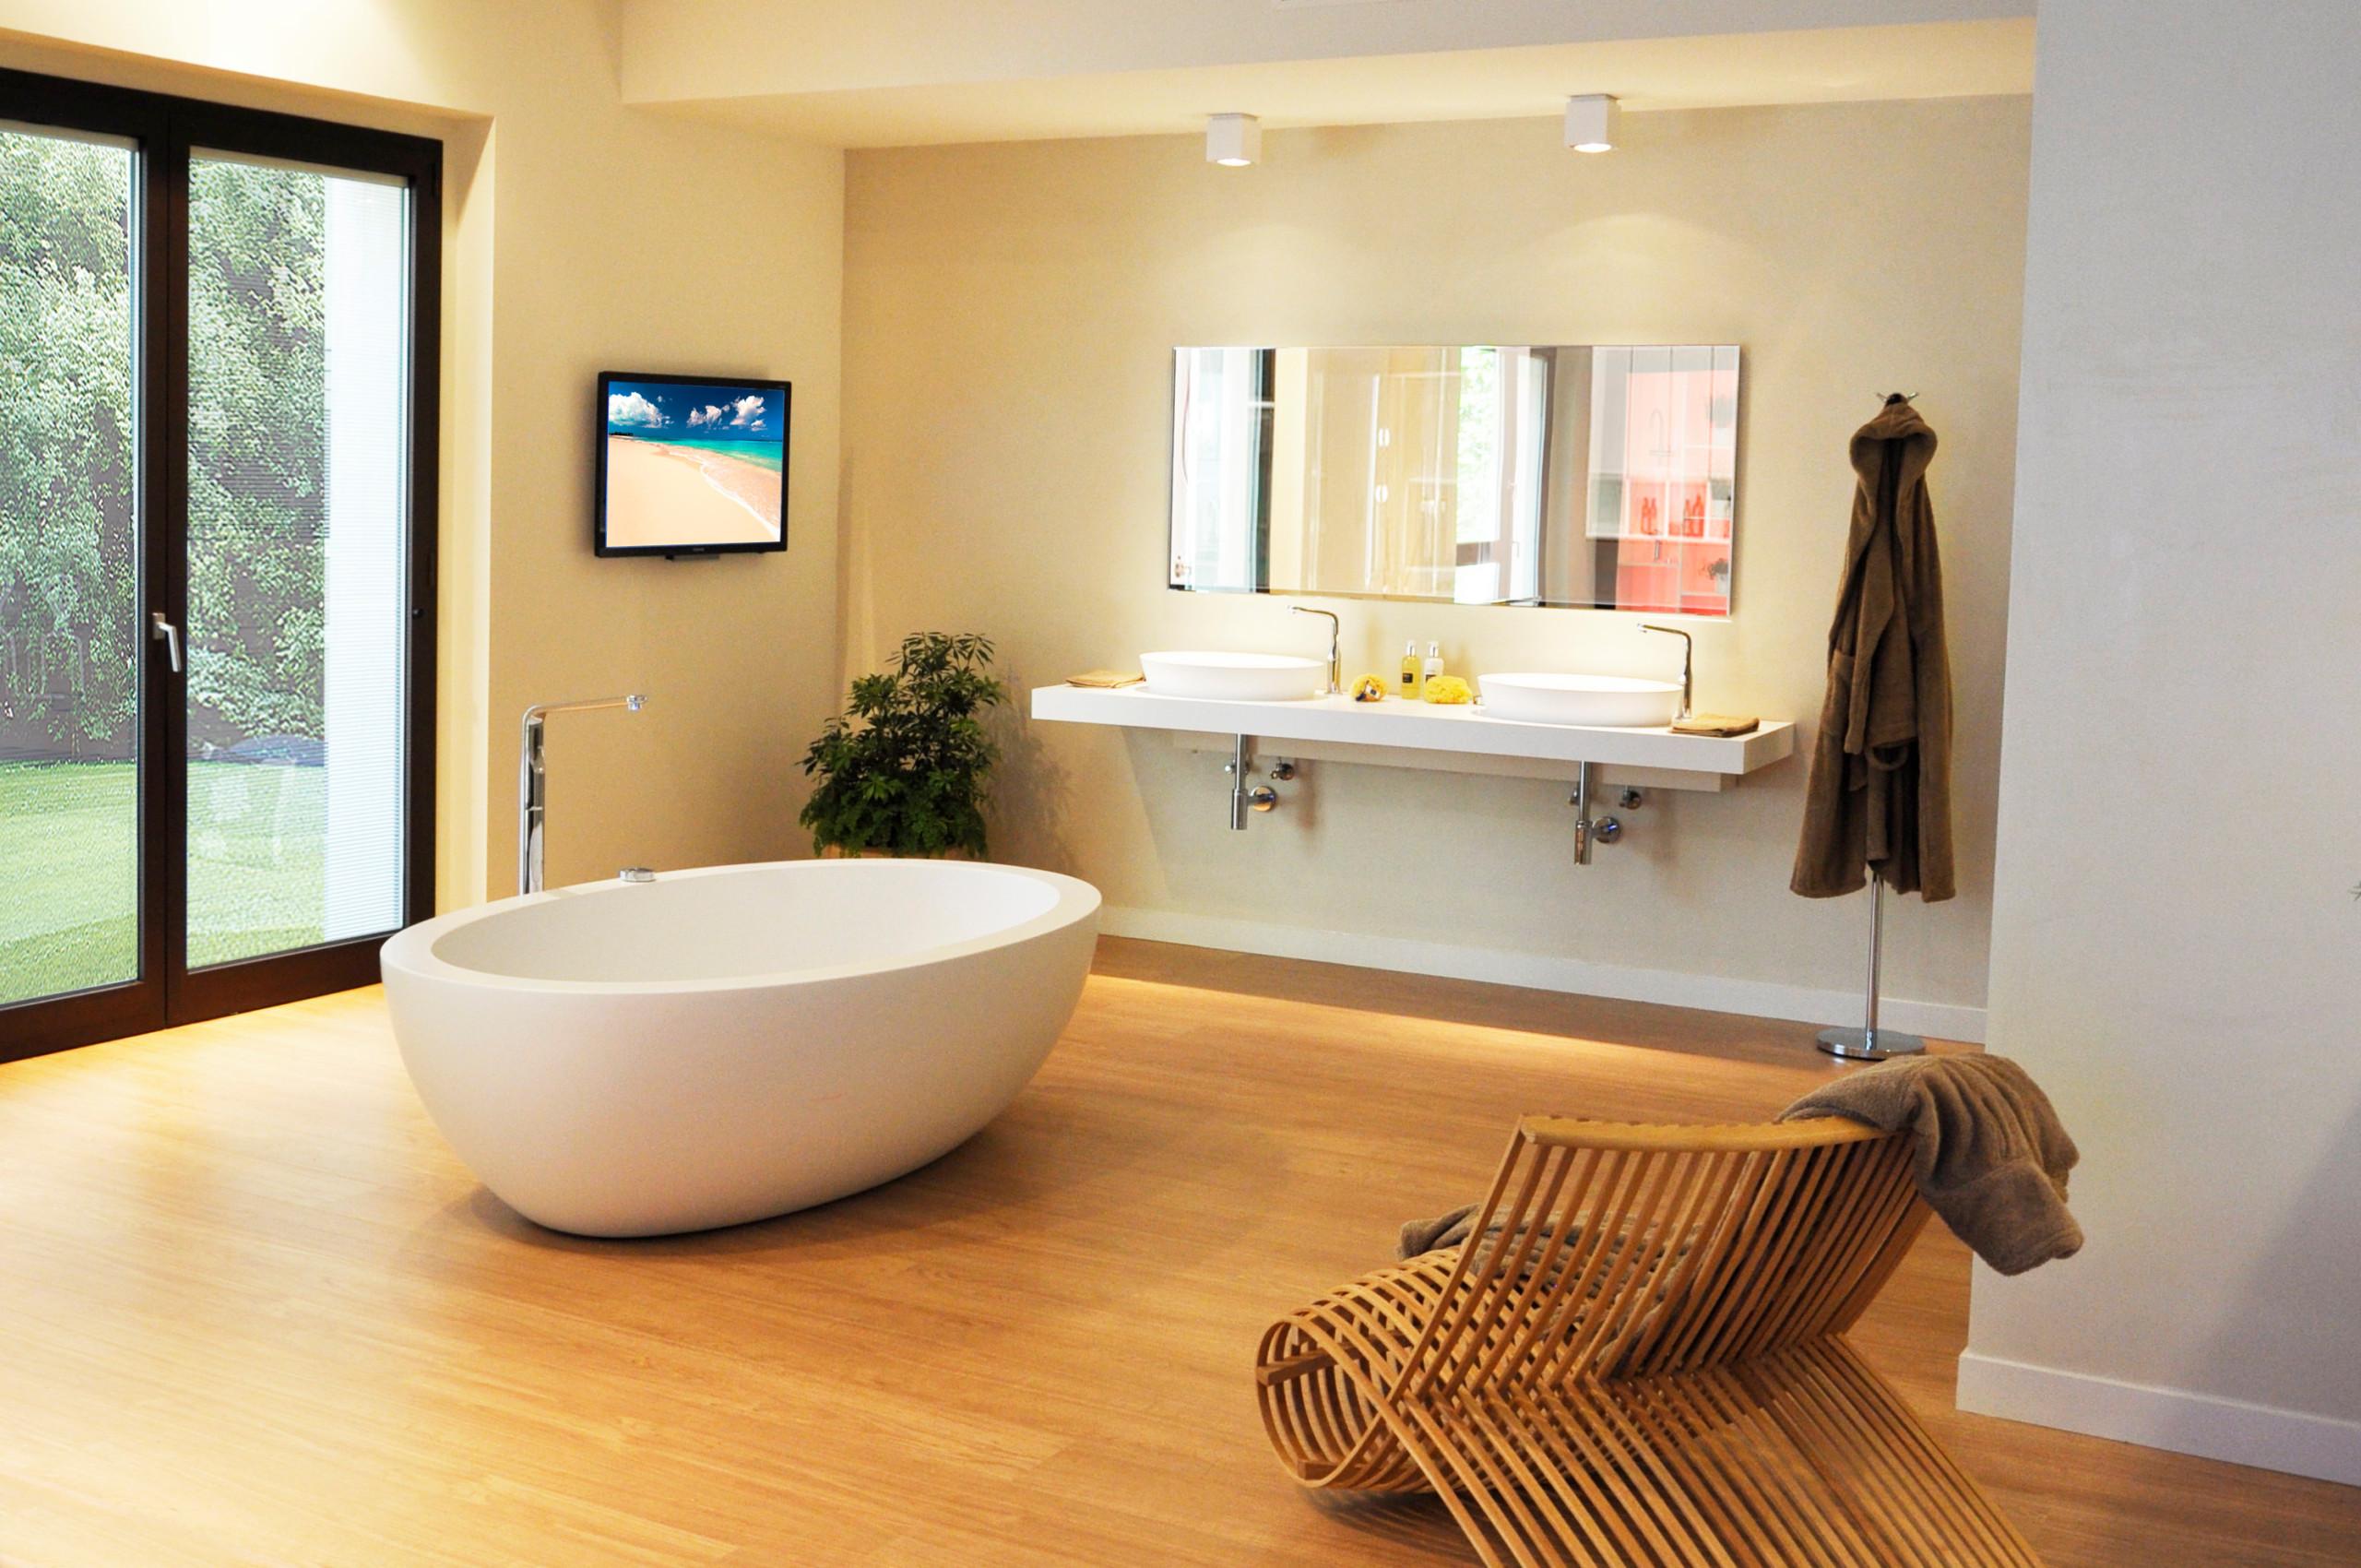 Sala da bagno, un momento di relax | Ristrutturazione bagno 20mq